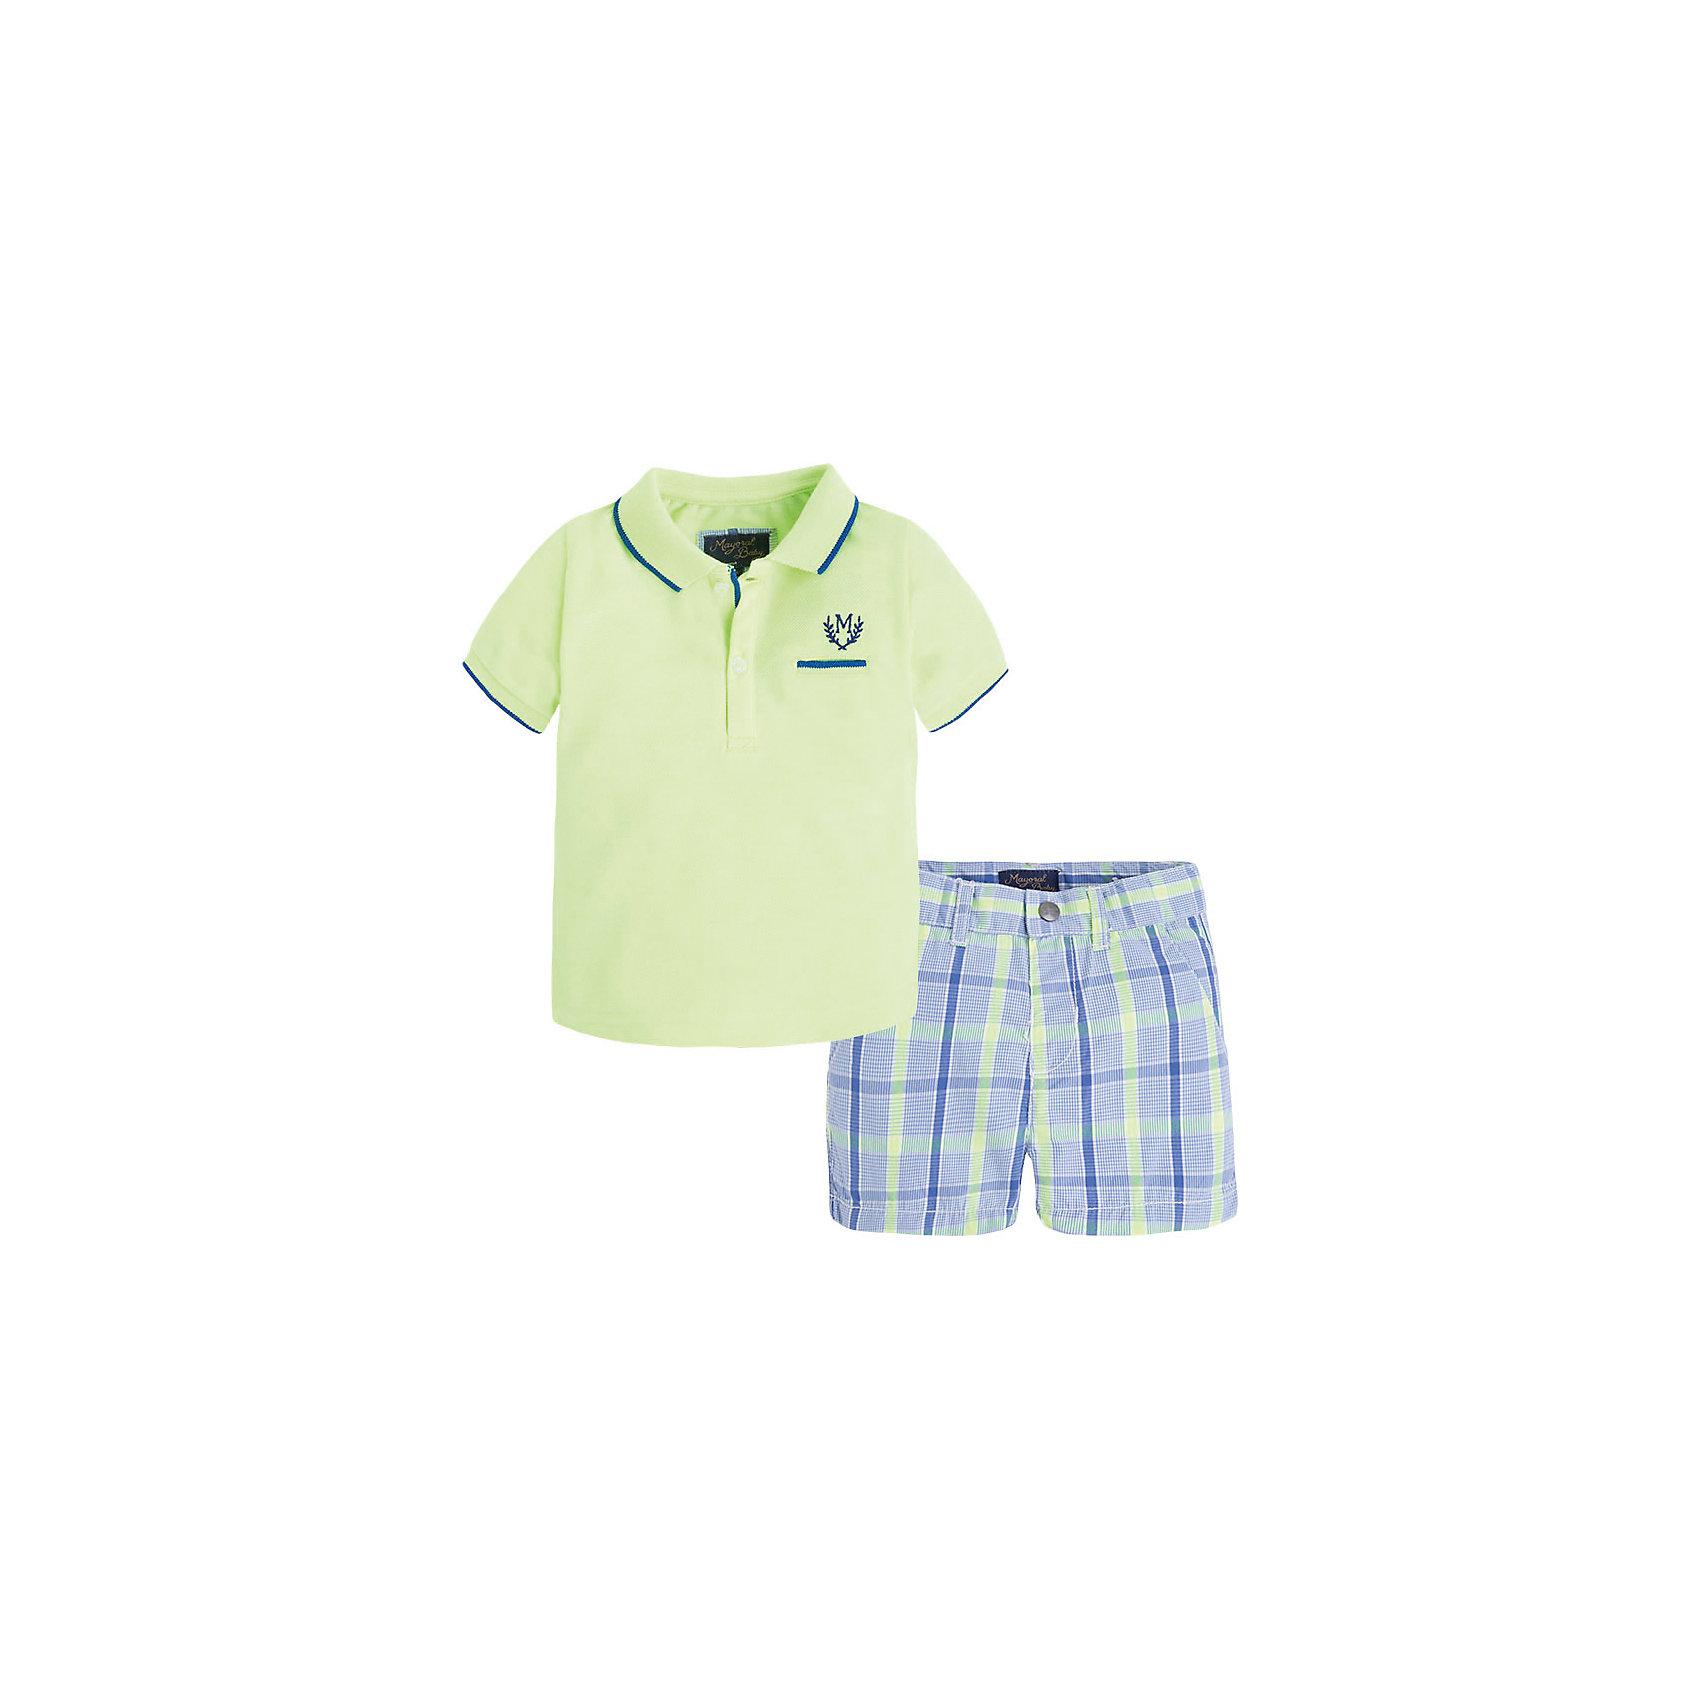 Комплект для мальчика: футболка и шорты MayoralКомплект для мальчика: футболка и шорты для мальчика от известной испанской марки Mayoral - прекрасный вариант для теплой погоды.<br><br>Дополнительная информация:<br><br>- Мягкая трикотажная ткань<br>- Футболка-поло с контрастной полосой на воротнике и рукавах.<br>- Вышивка и декоративный карман на груди. <br>- Шорты с клетчатым принтом.<br>- Застегиваются на кнопку.<br>- Регулируемая талия. <br>- Состав: 100% хлопок.<br><br>Комплект для мальчика: футболку и шорты Mayoral (Майорал) можно купить в нашем магазине.<br><br>Ширина мм: 191<br>Глубина мм: 10<br>Высота мм: 175<br>Вес г: 273<br>Цвет: зеленый<br>Возраст от месяцев: 6<br>Возраст до месяцев: 9<br>Пол: Мужской<br>Возраст: Детский<br>Размер: 74,92,80,86<br>SKU: 4537740